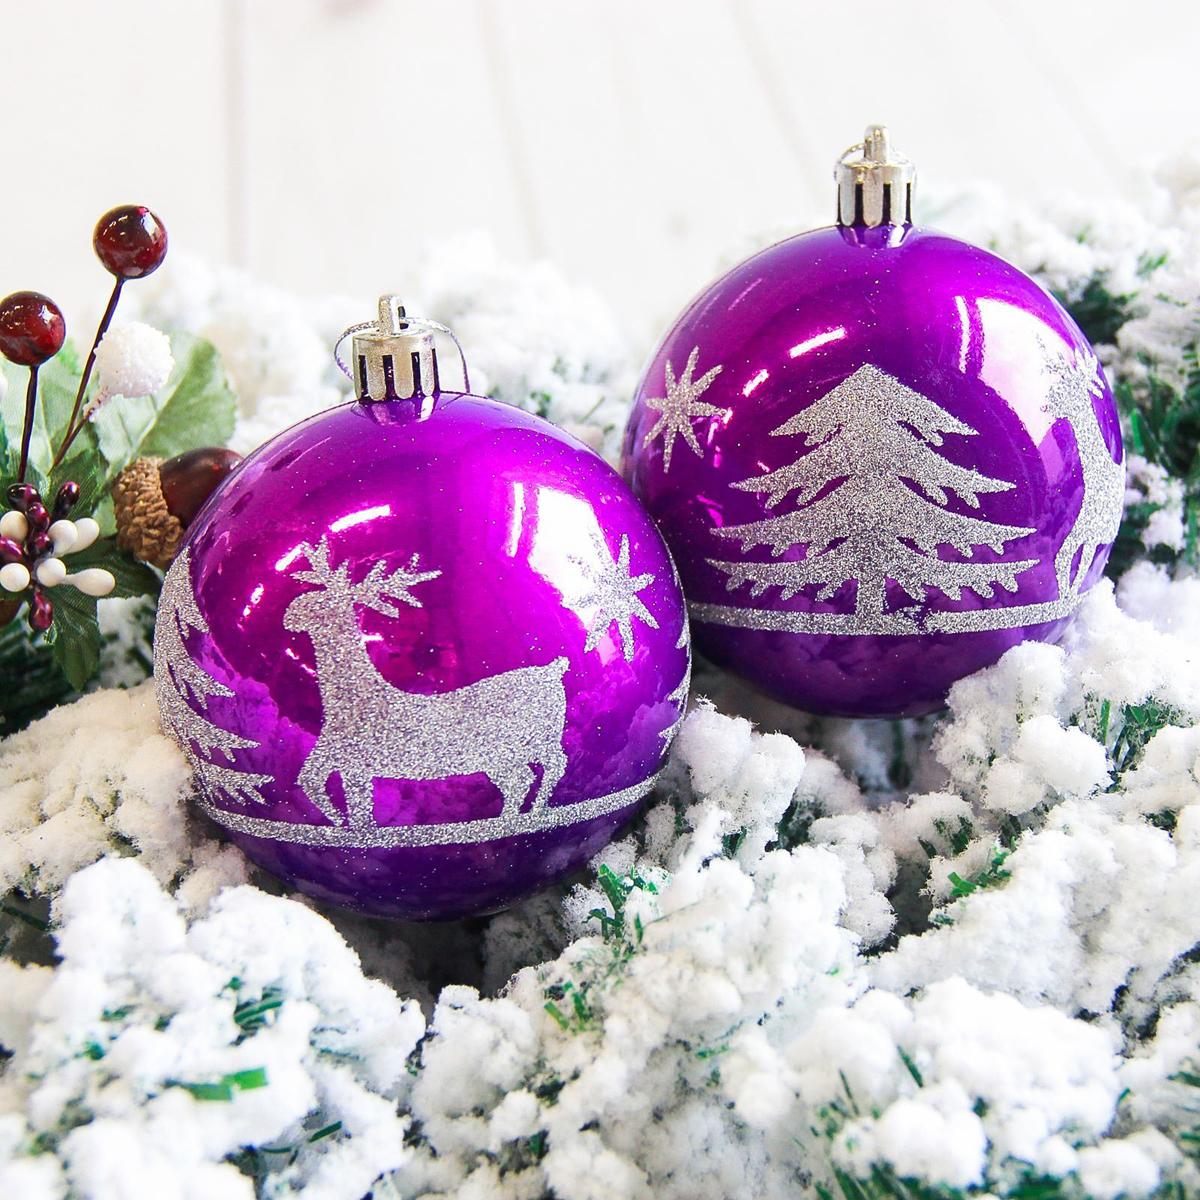 Набор новогодних подвесных украшений Sima-land Гордый олень, диаметр 8 см, 6 шт. 21781962178196Набор новогодних подвесных украшений Sima-land отлично подойдет для декорации вашего дома и новогодней ели. С помощью специальной петельки украшение можно повесить в любом понравившемся вам месте. Но, конечно, удачнее всего оно будет смотреться на праздничной елке. Елочная игрушка - символ Нового года. Она несет в себе волшебство и красоту праздника. Создайте в своем доме атмосферу веселья и радости, украшая новогоднюю елку нарядными игрушками, которые будут из года в год накапливать теплоту воспоминаний.